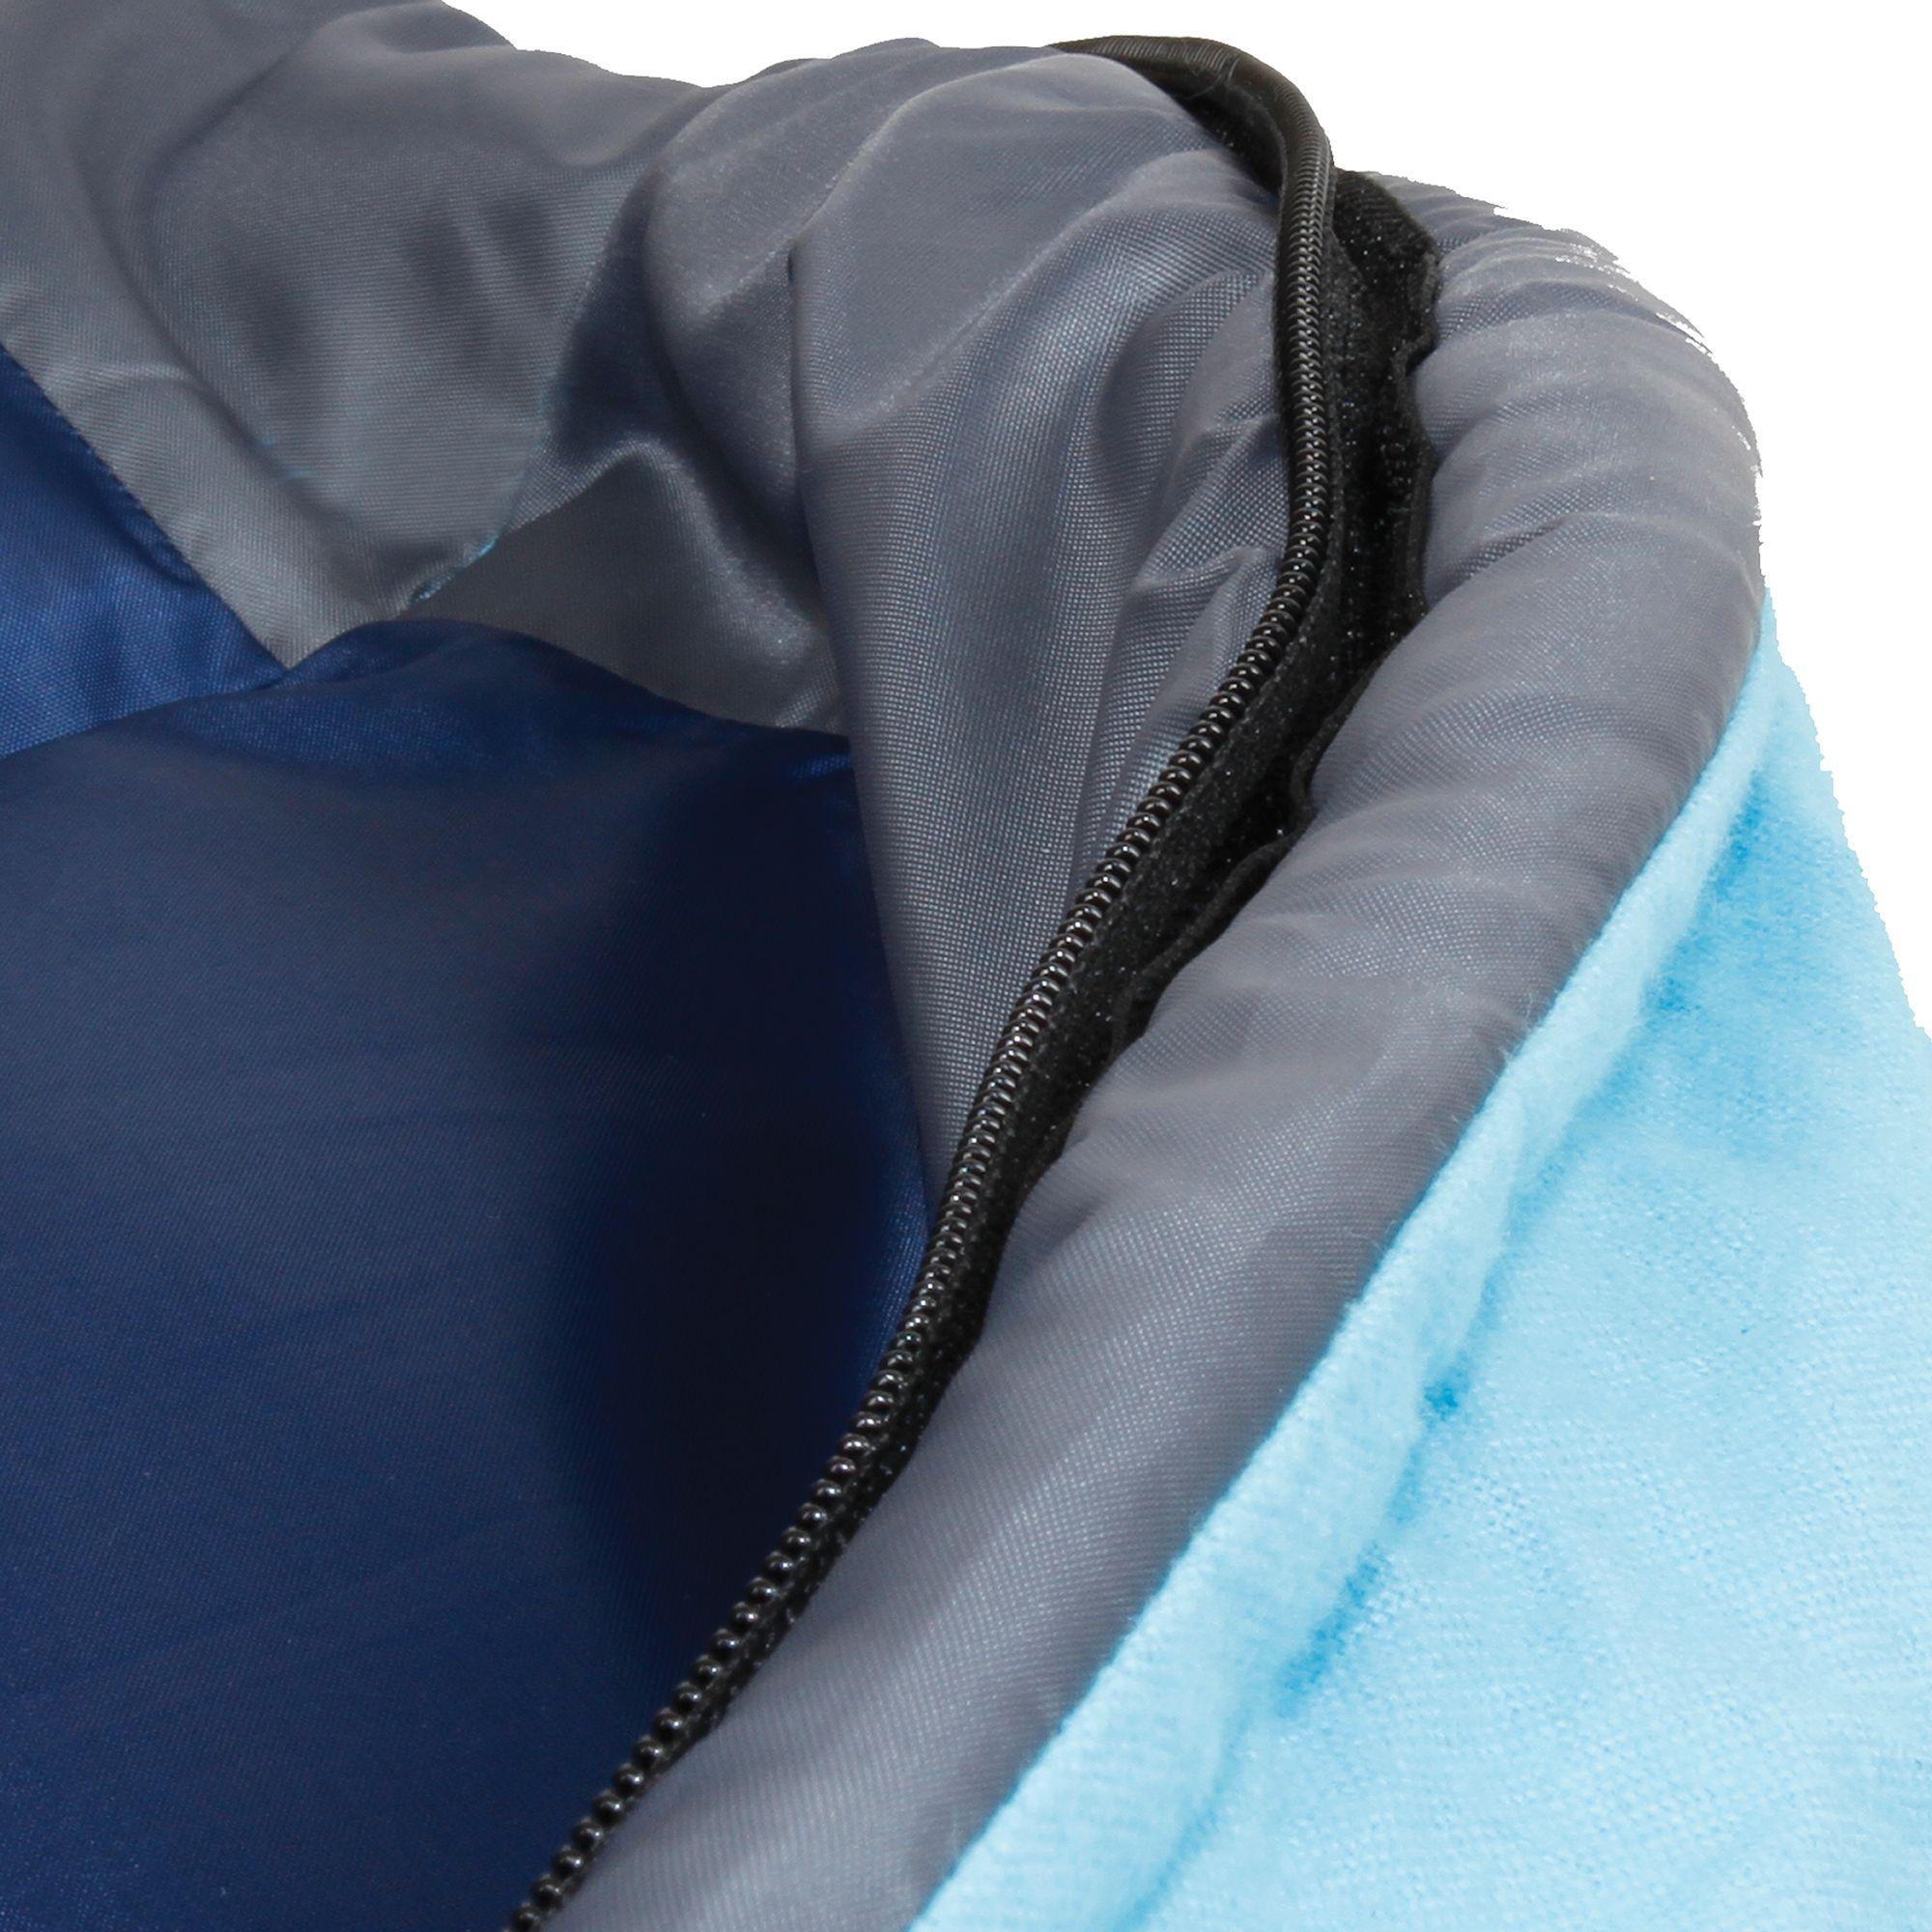 sleeping heat pump comfort wid comforter big tall open bag aqua coleman point dexter hei